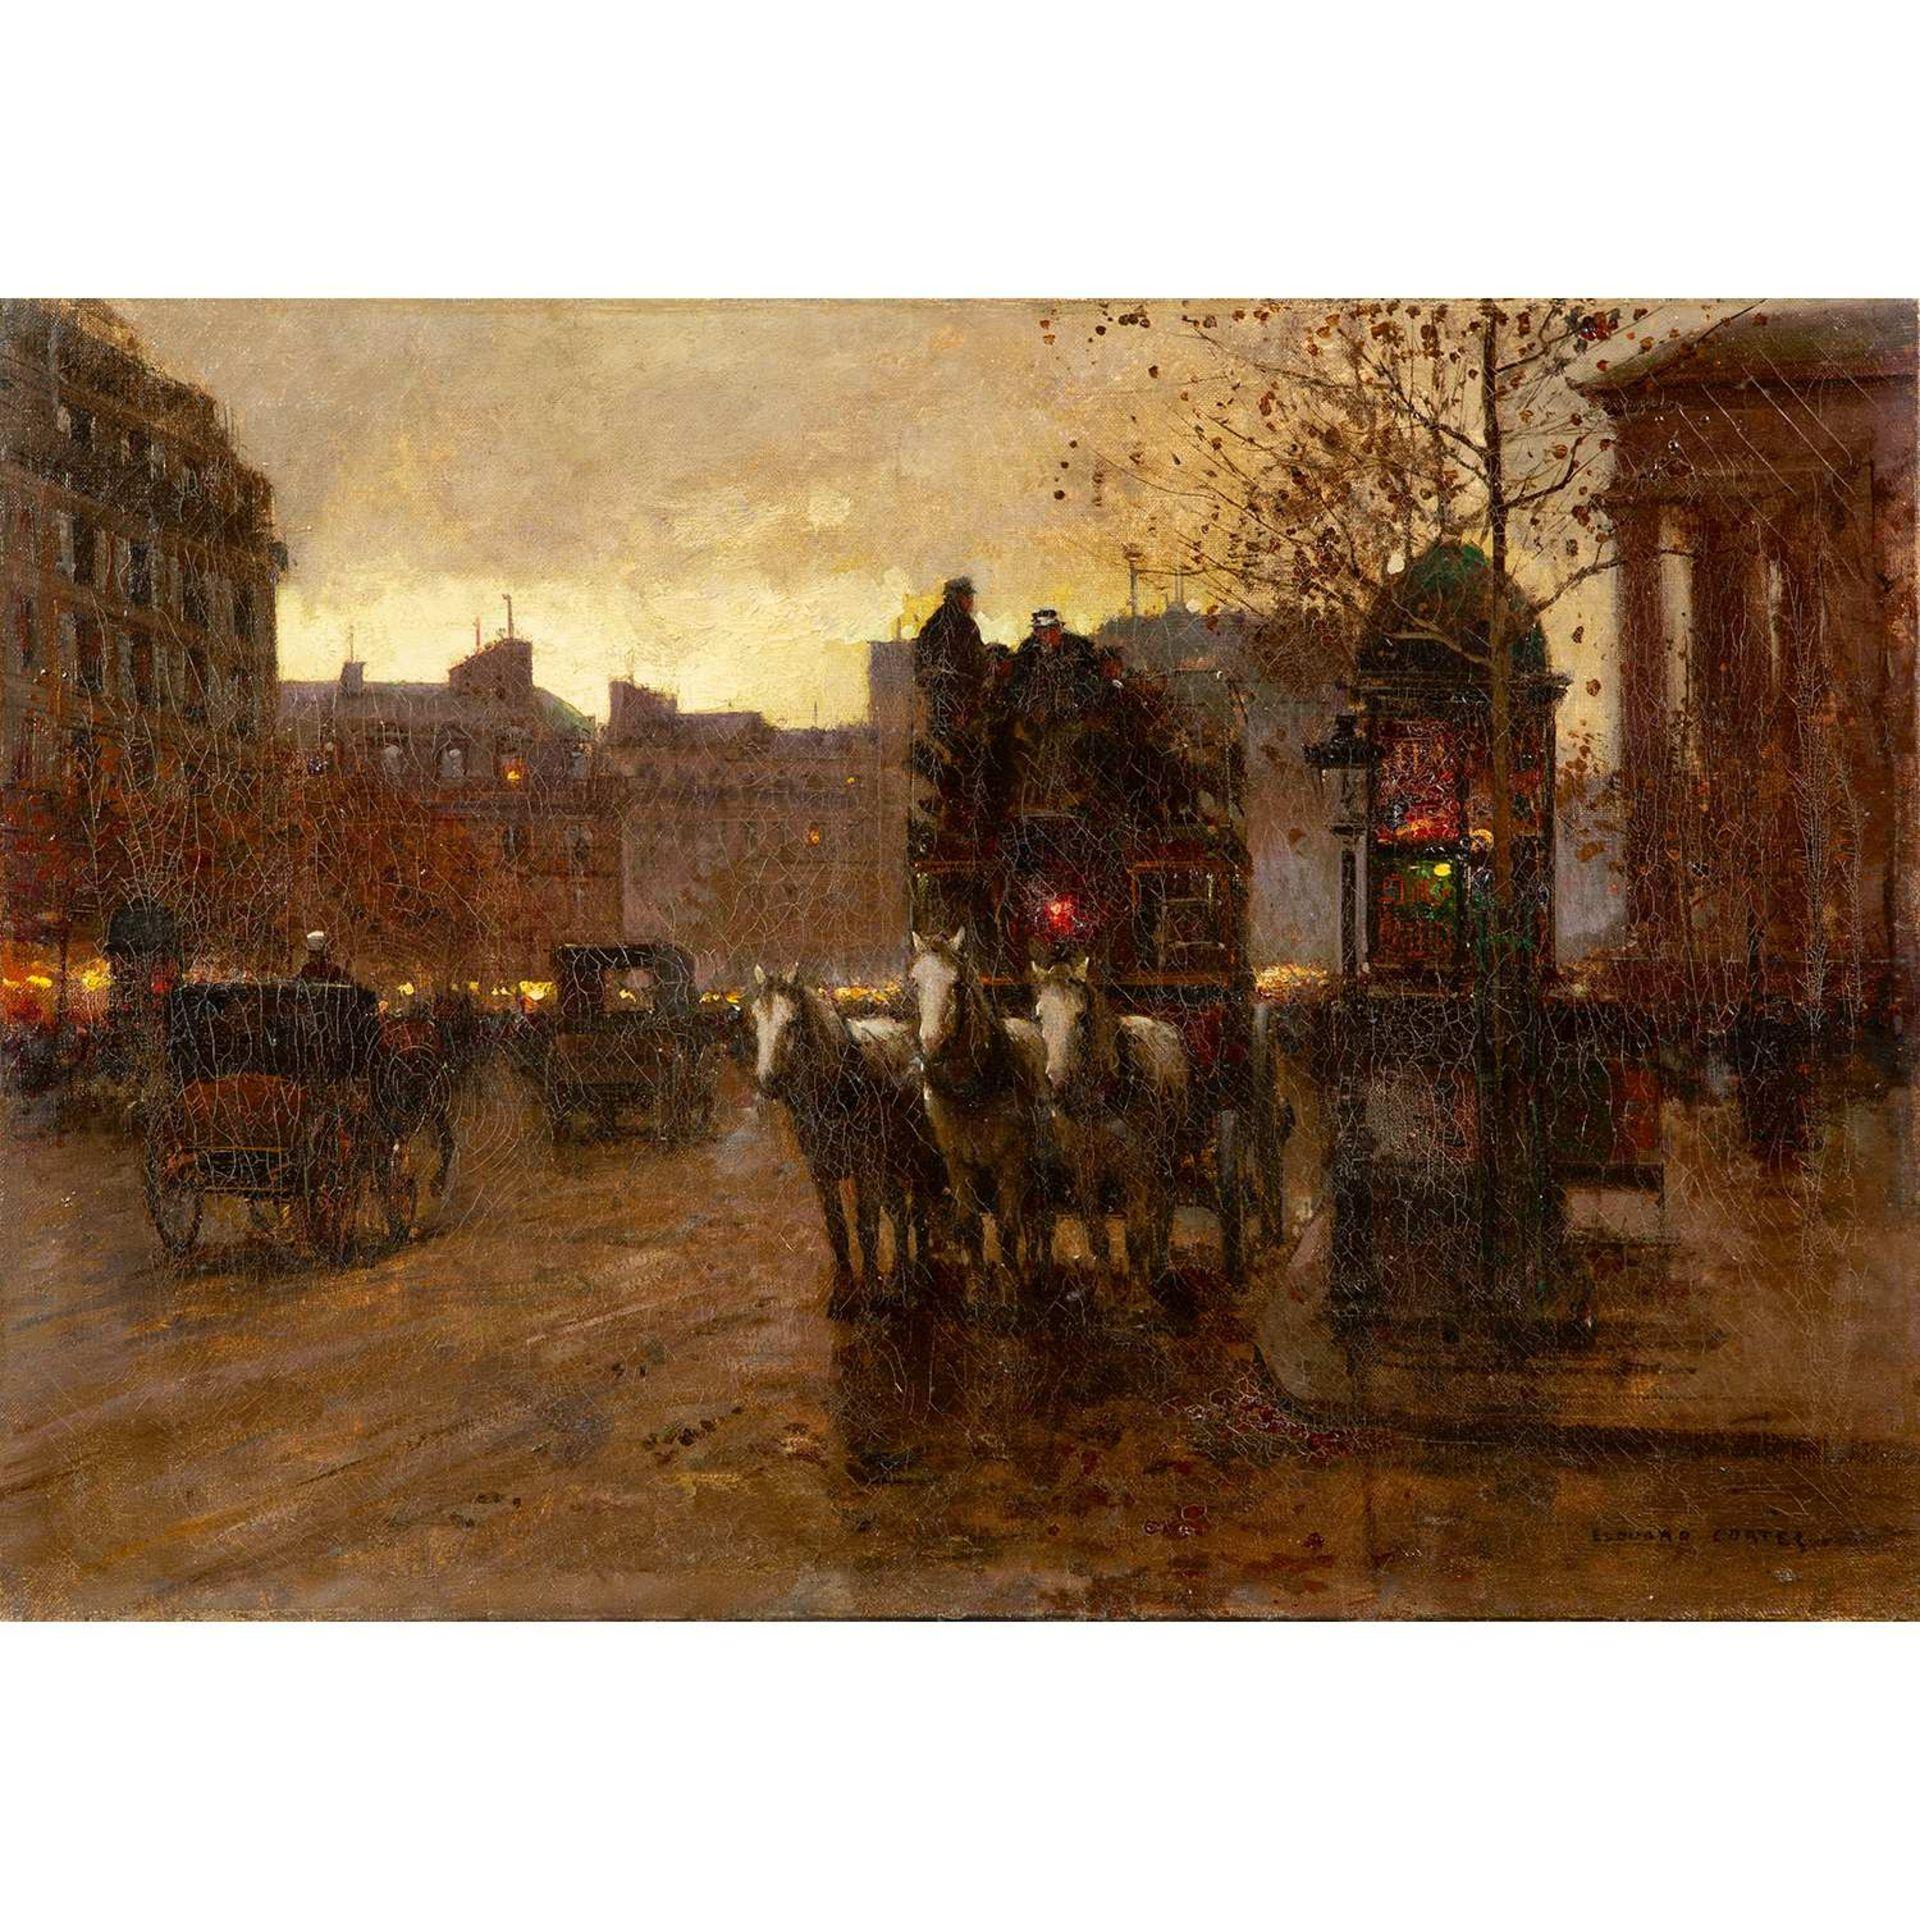 Los 29 - ÉDOUARD-LÉON CORTÈS (1882-1969) PLACE DE LA MADELEINE, LE SOIR Huile sur toile Signée en bas à